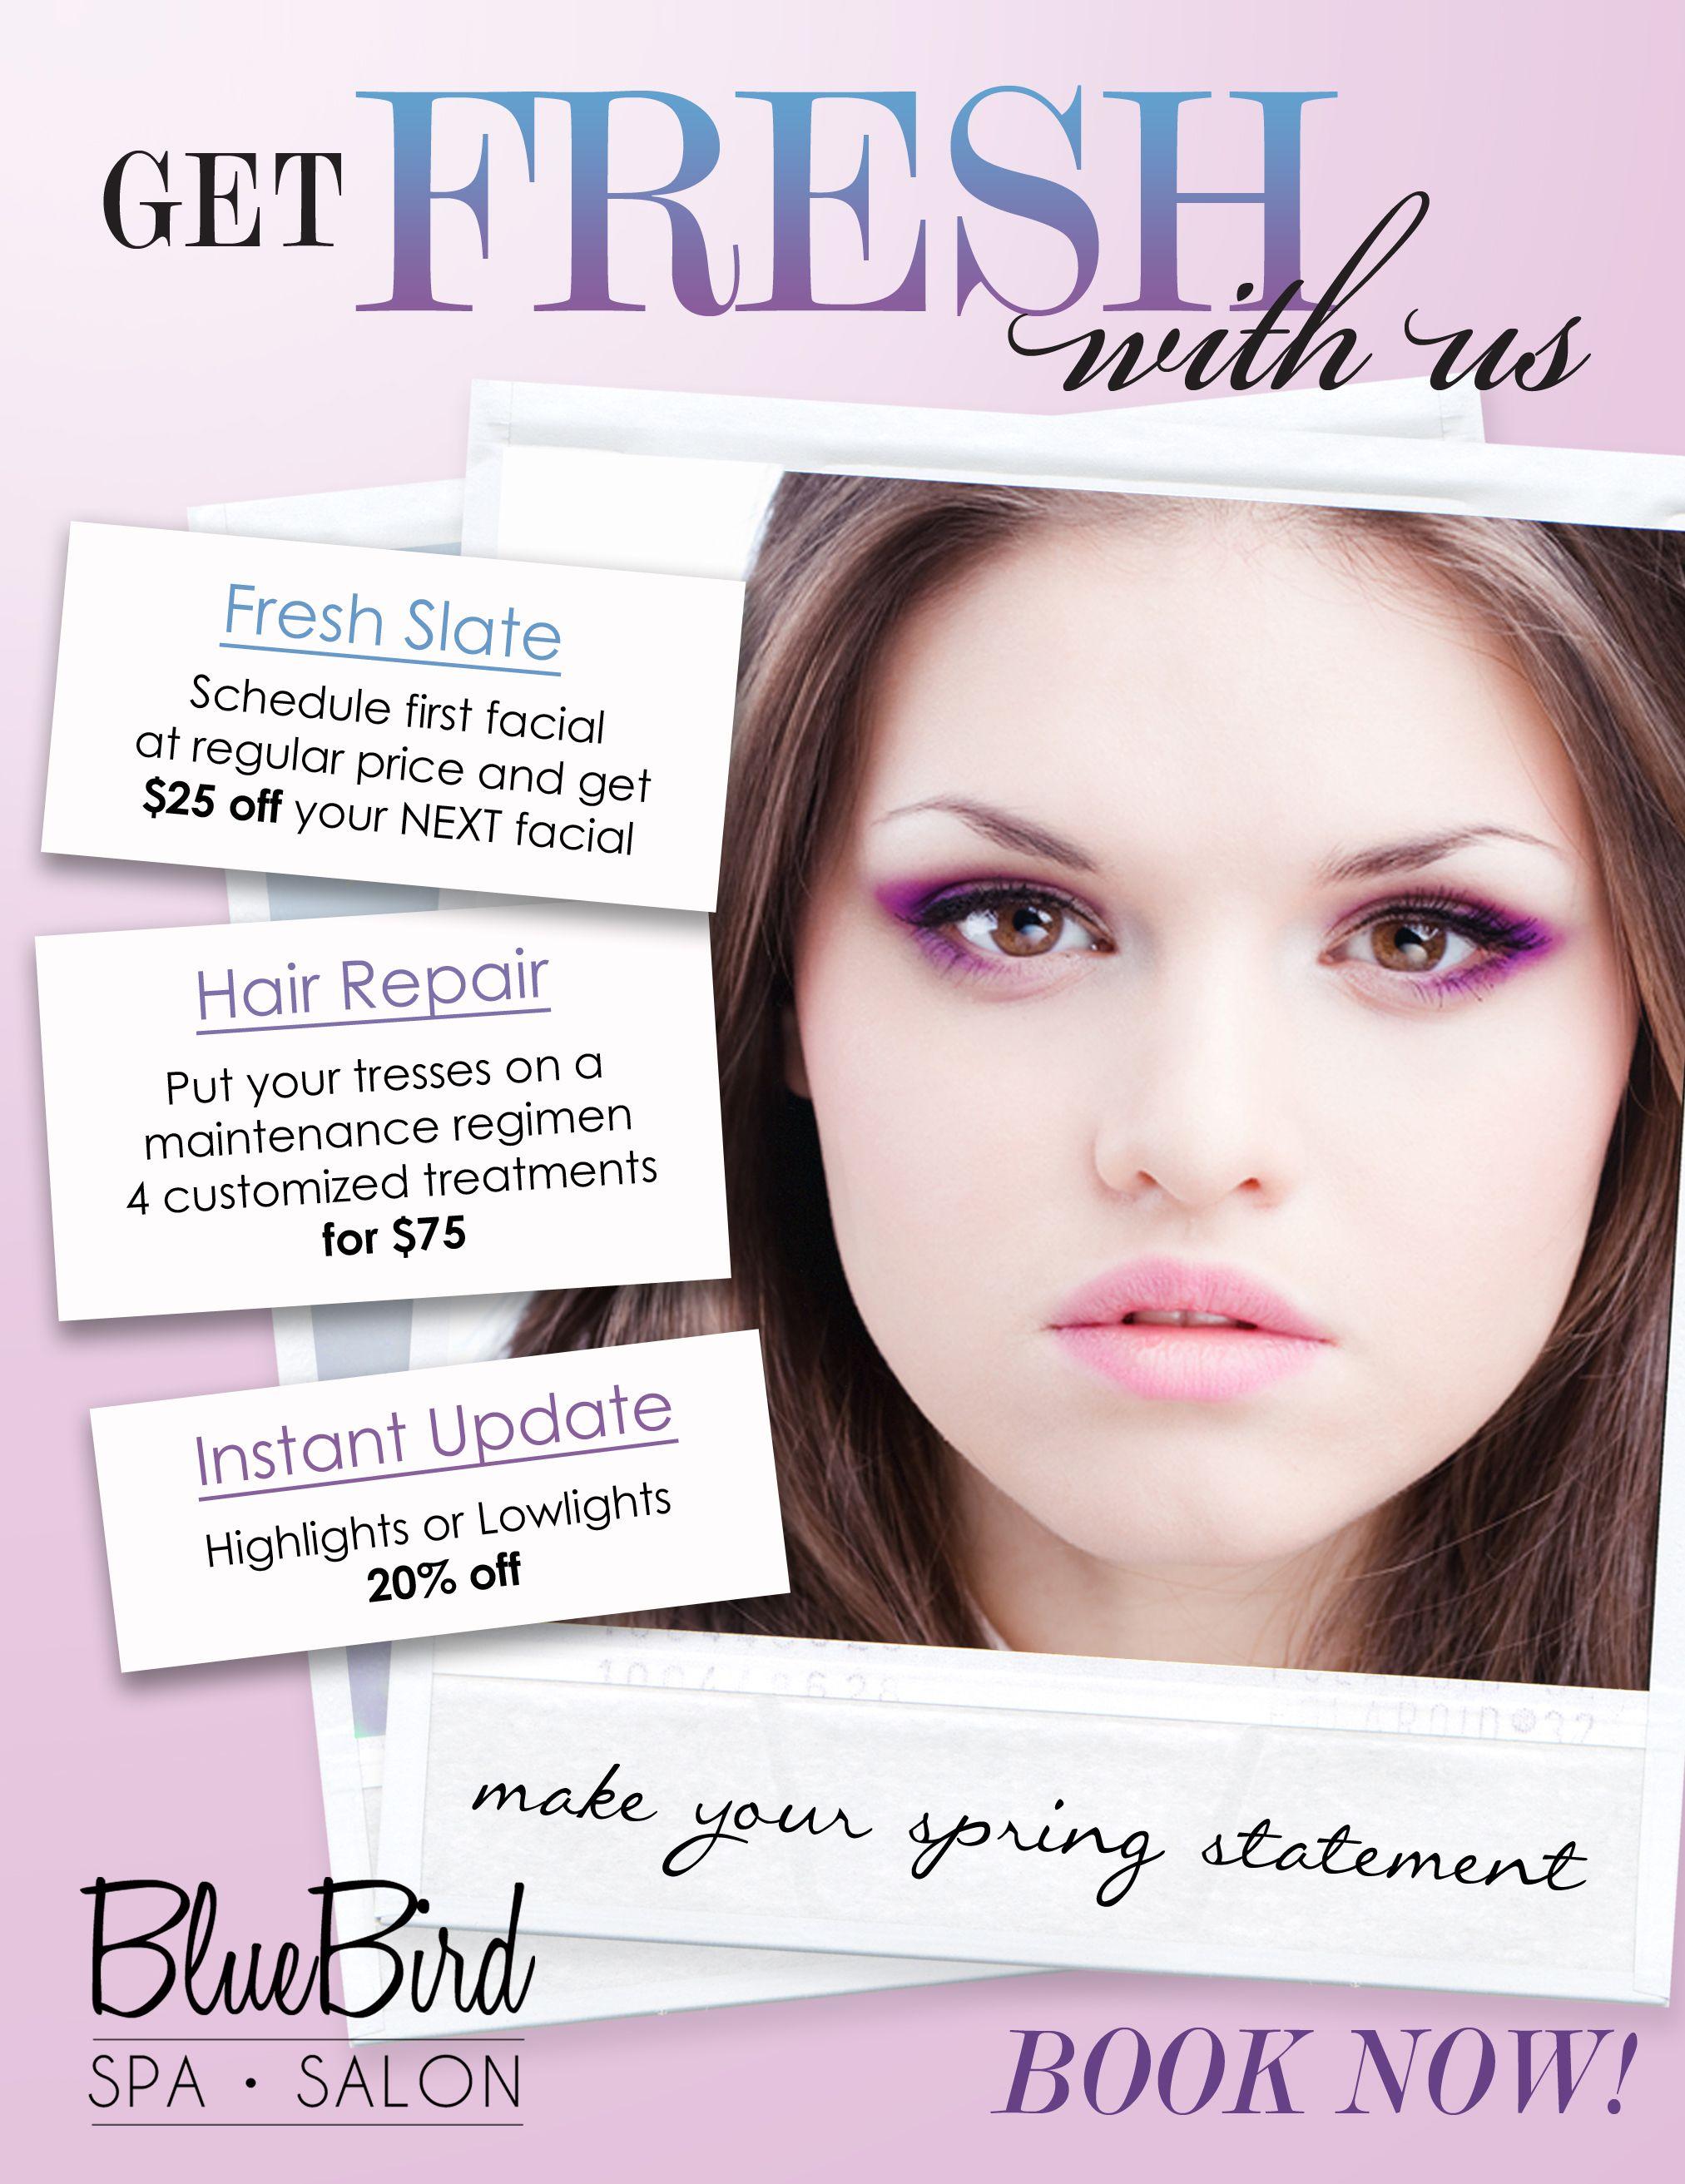 Salon Promotions Beauty Marketing Pinterest Salons Voucher My Branding Ideas Spa Promo Glamour